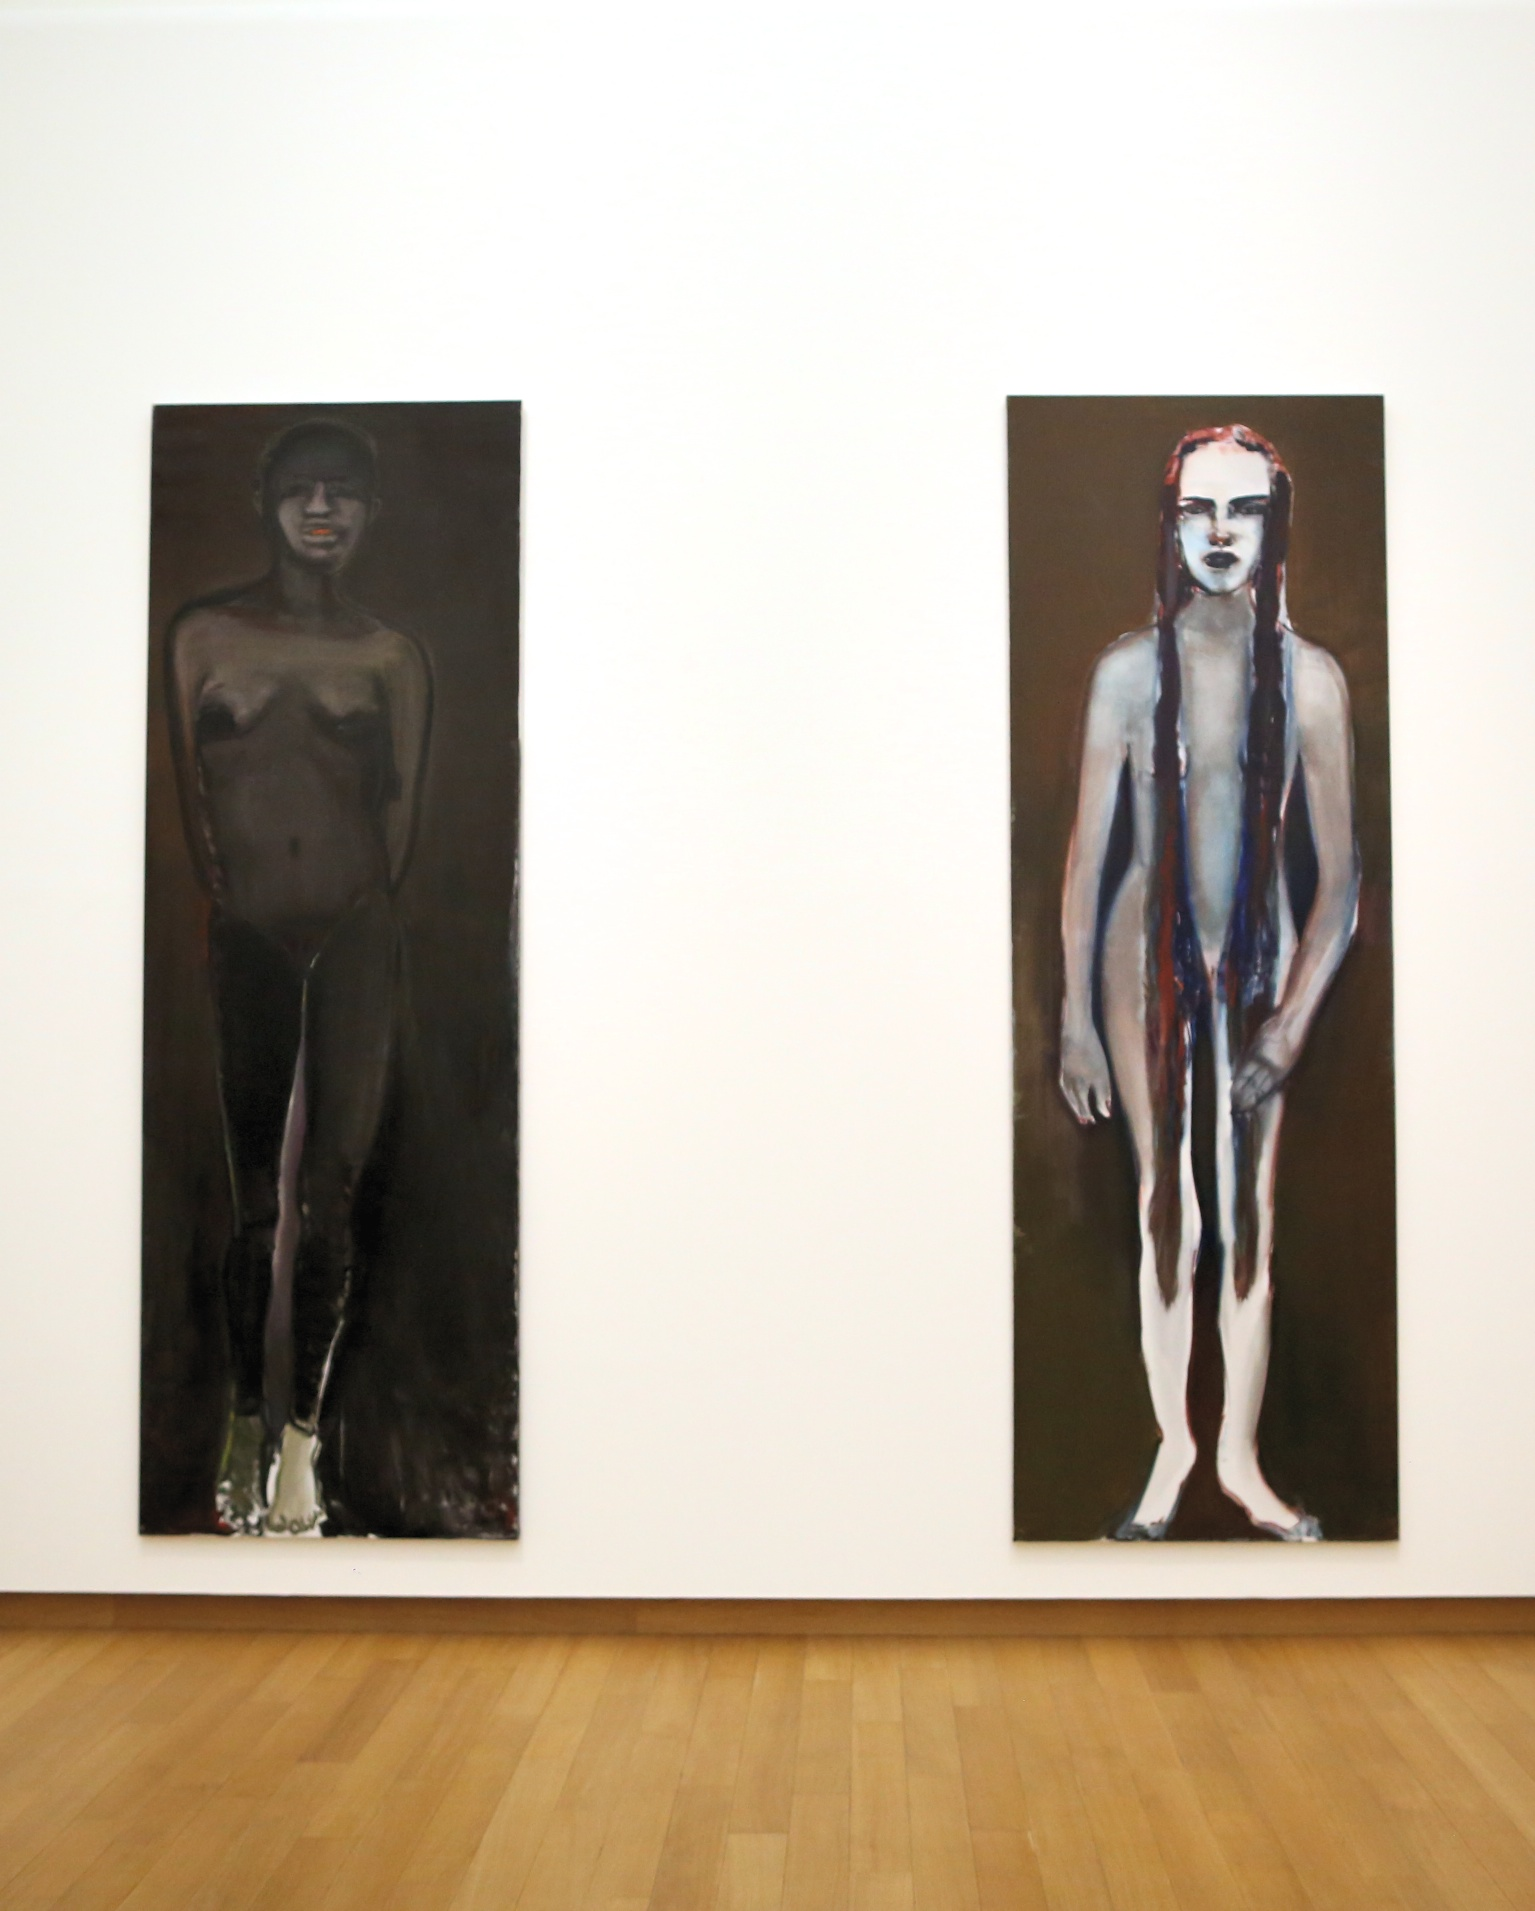 Marlene Dumas x Stedelijk © PulpCollectors 8